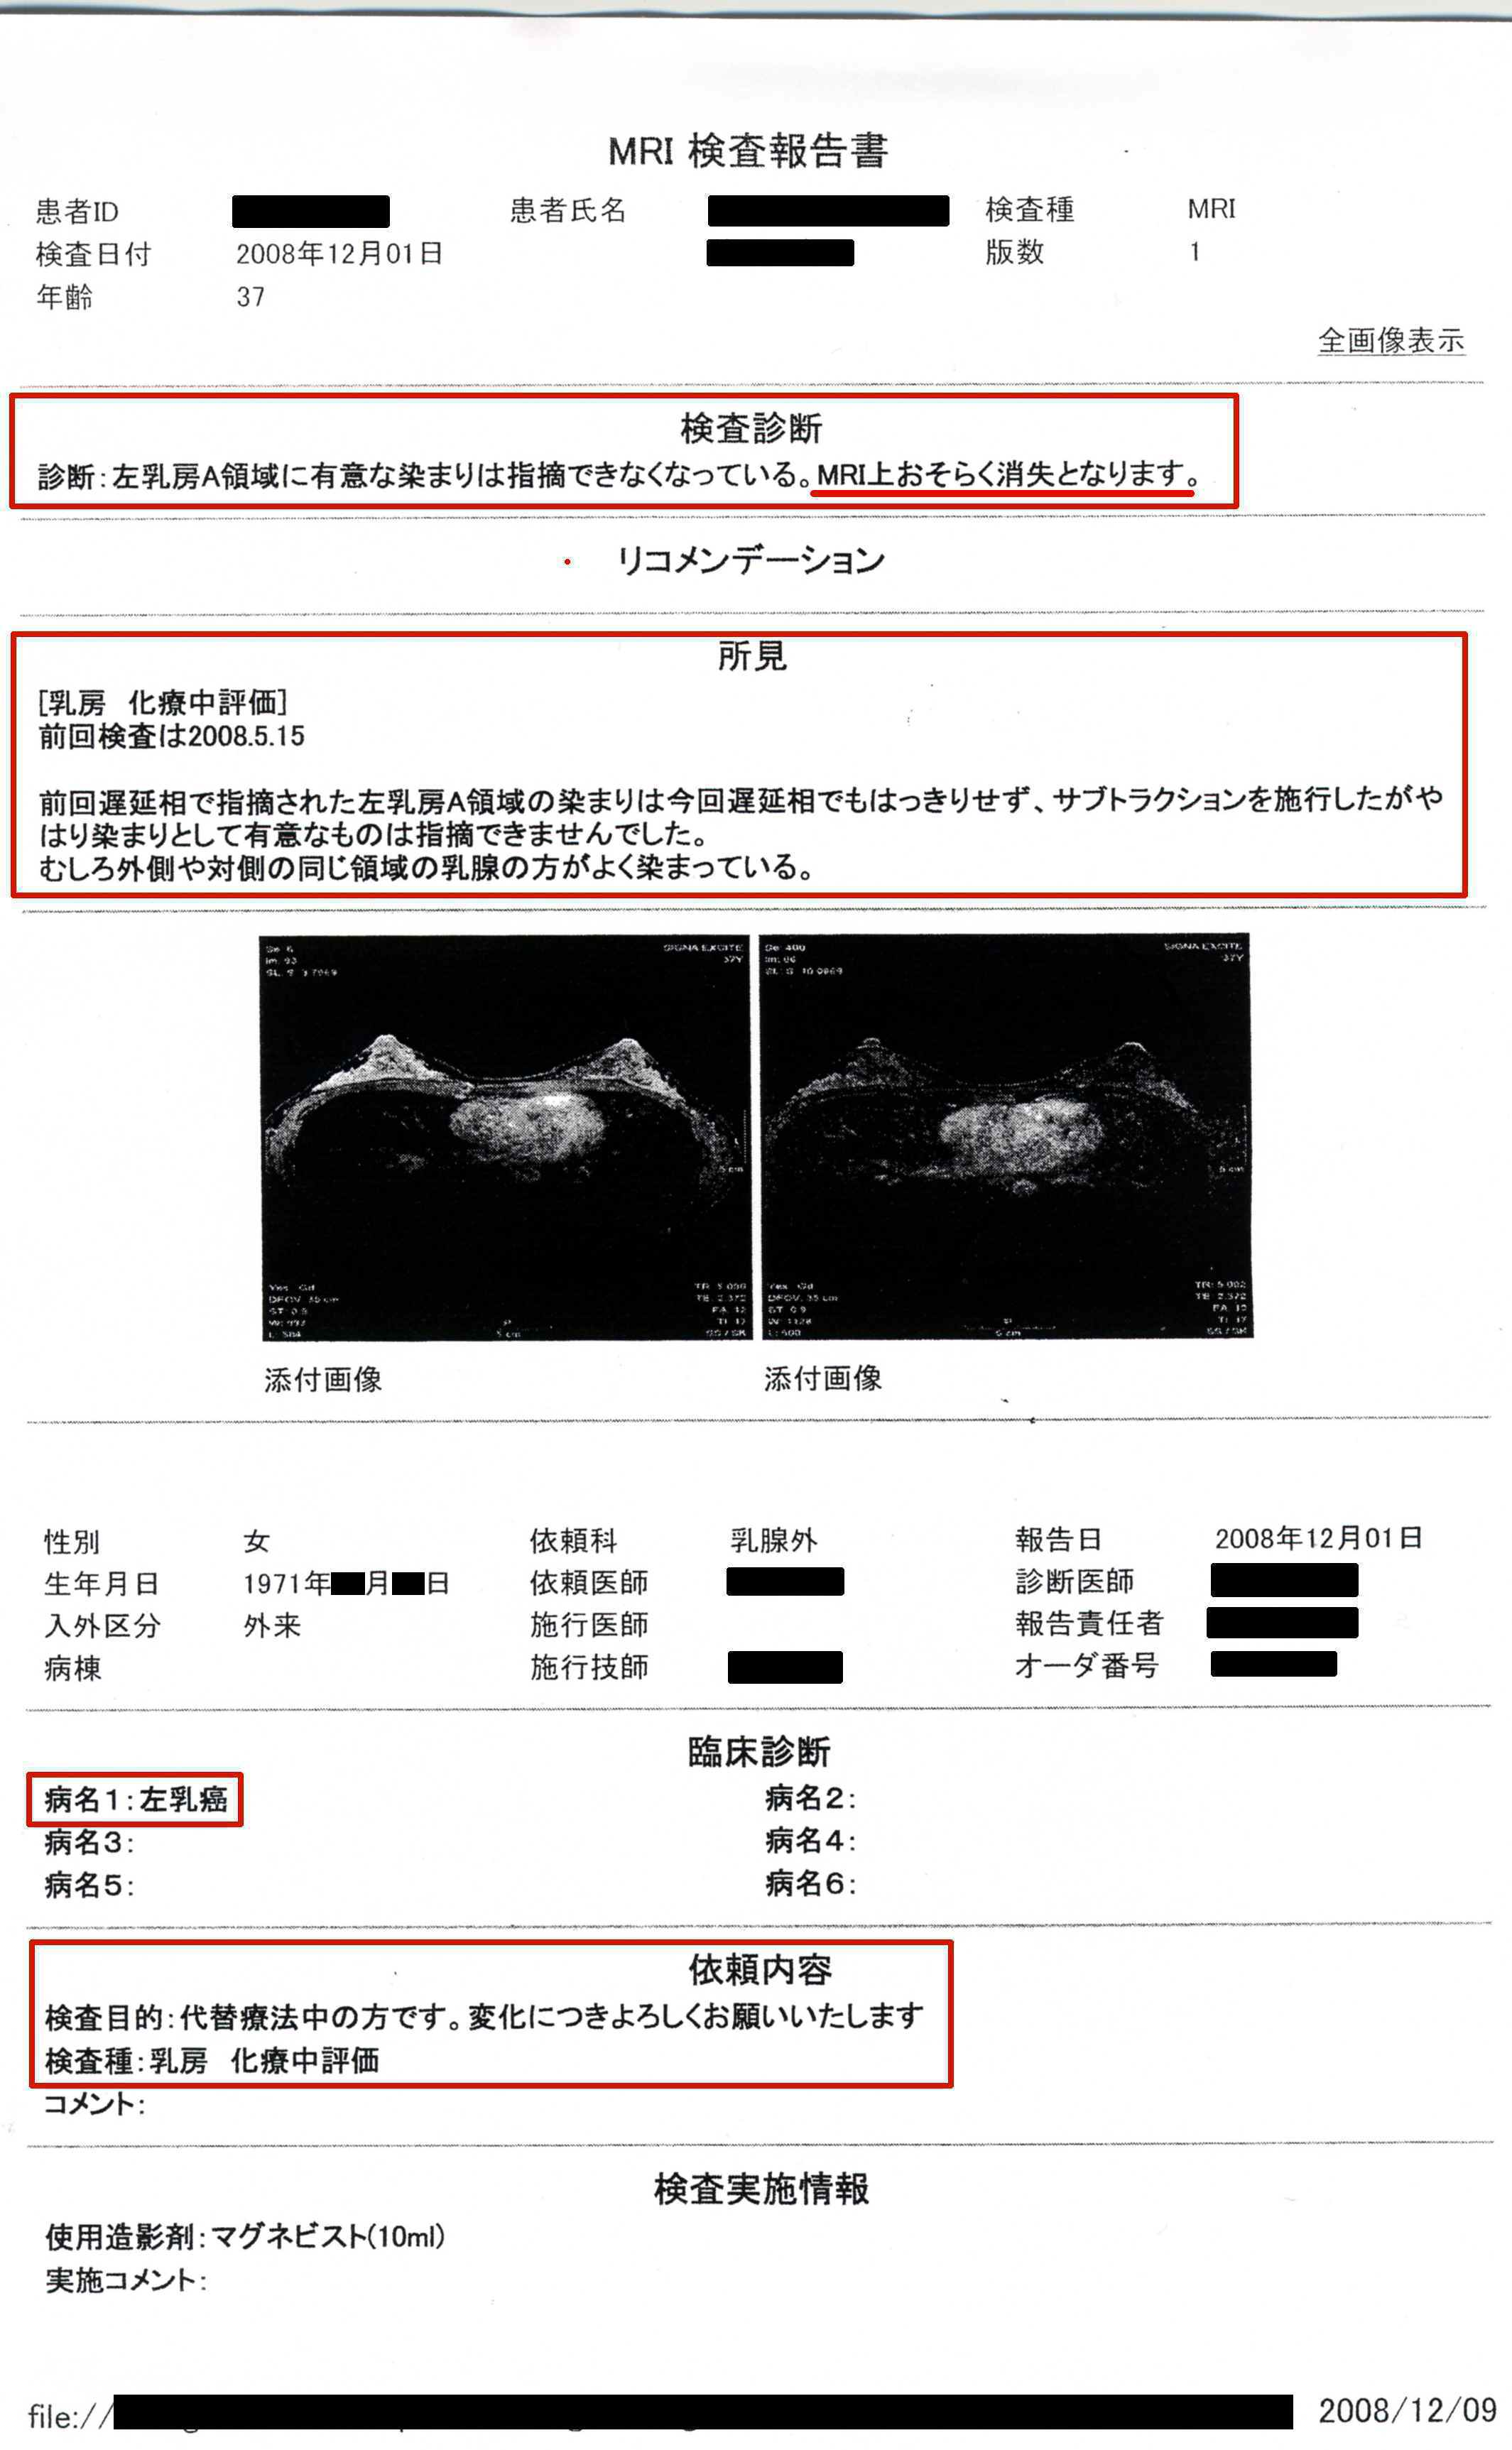 気功体験談:乳癌のMRI検査報告書(回復時)「MRI上おそらく消失」